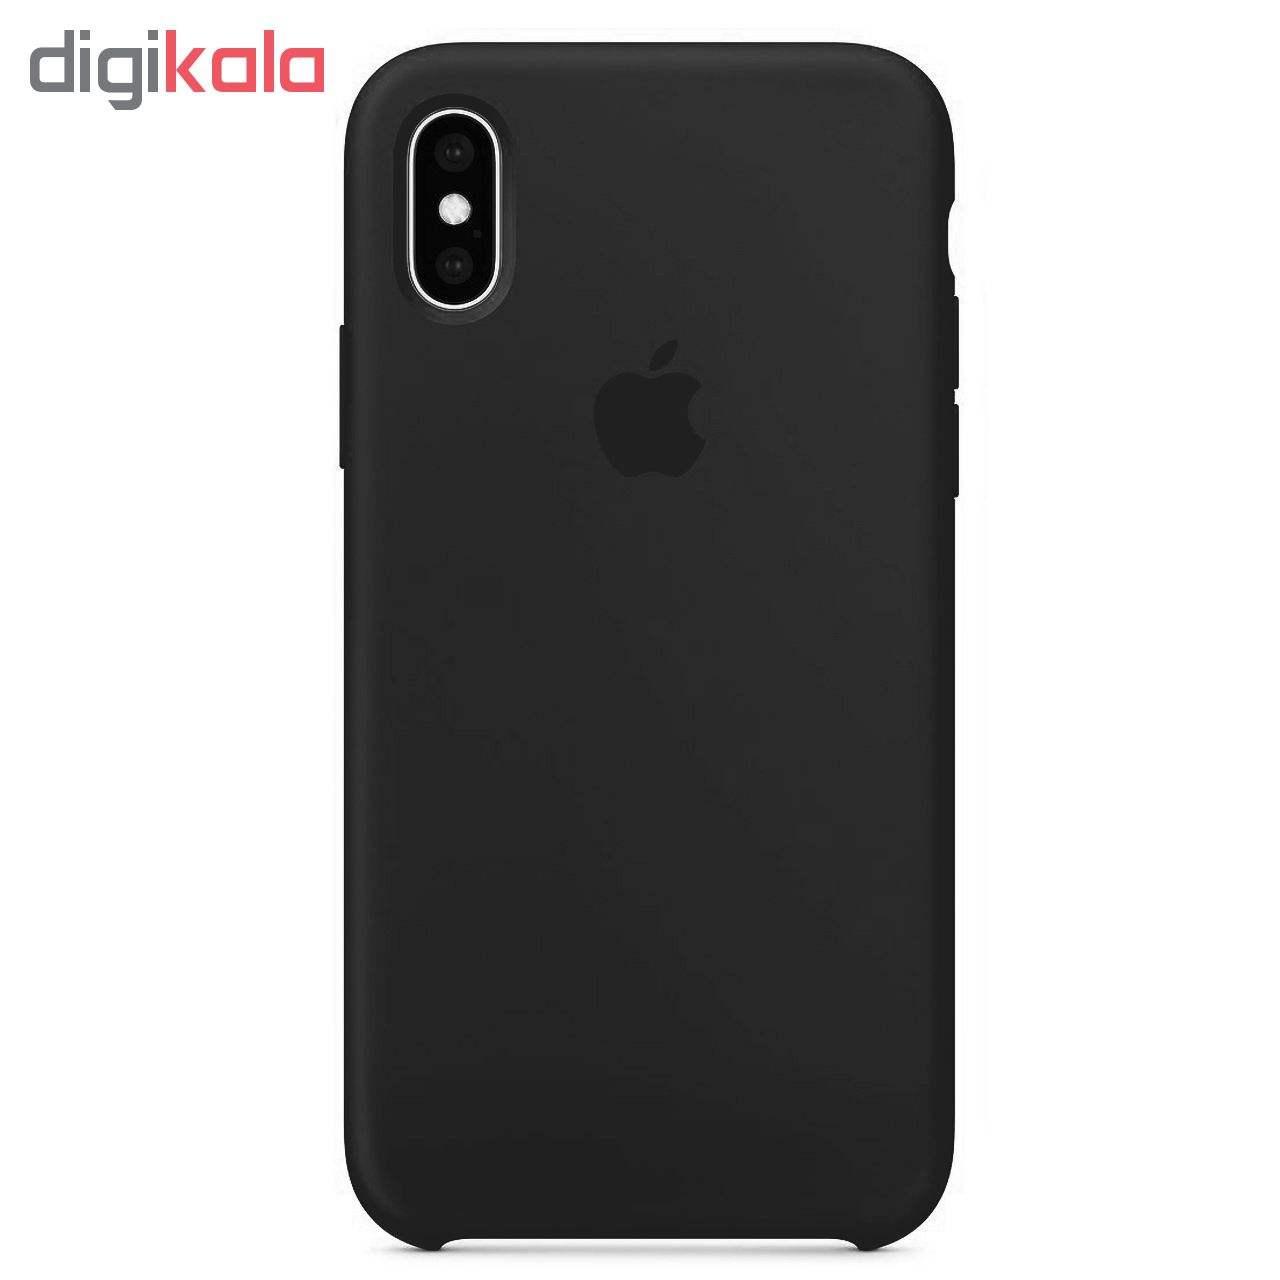 کاور مدل sili004 مناسب برای گوشی موبایل اپل Iphone XS Max main 1 12